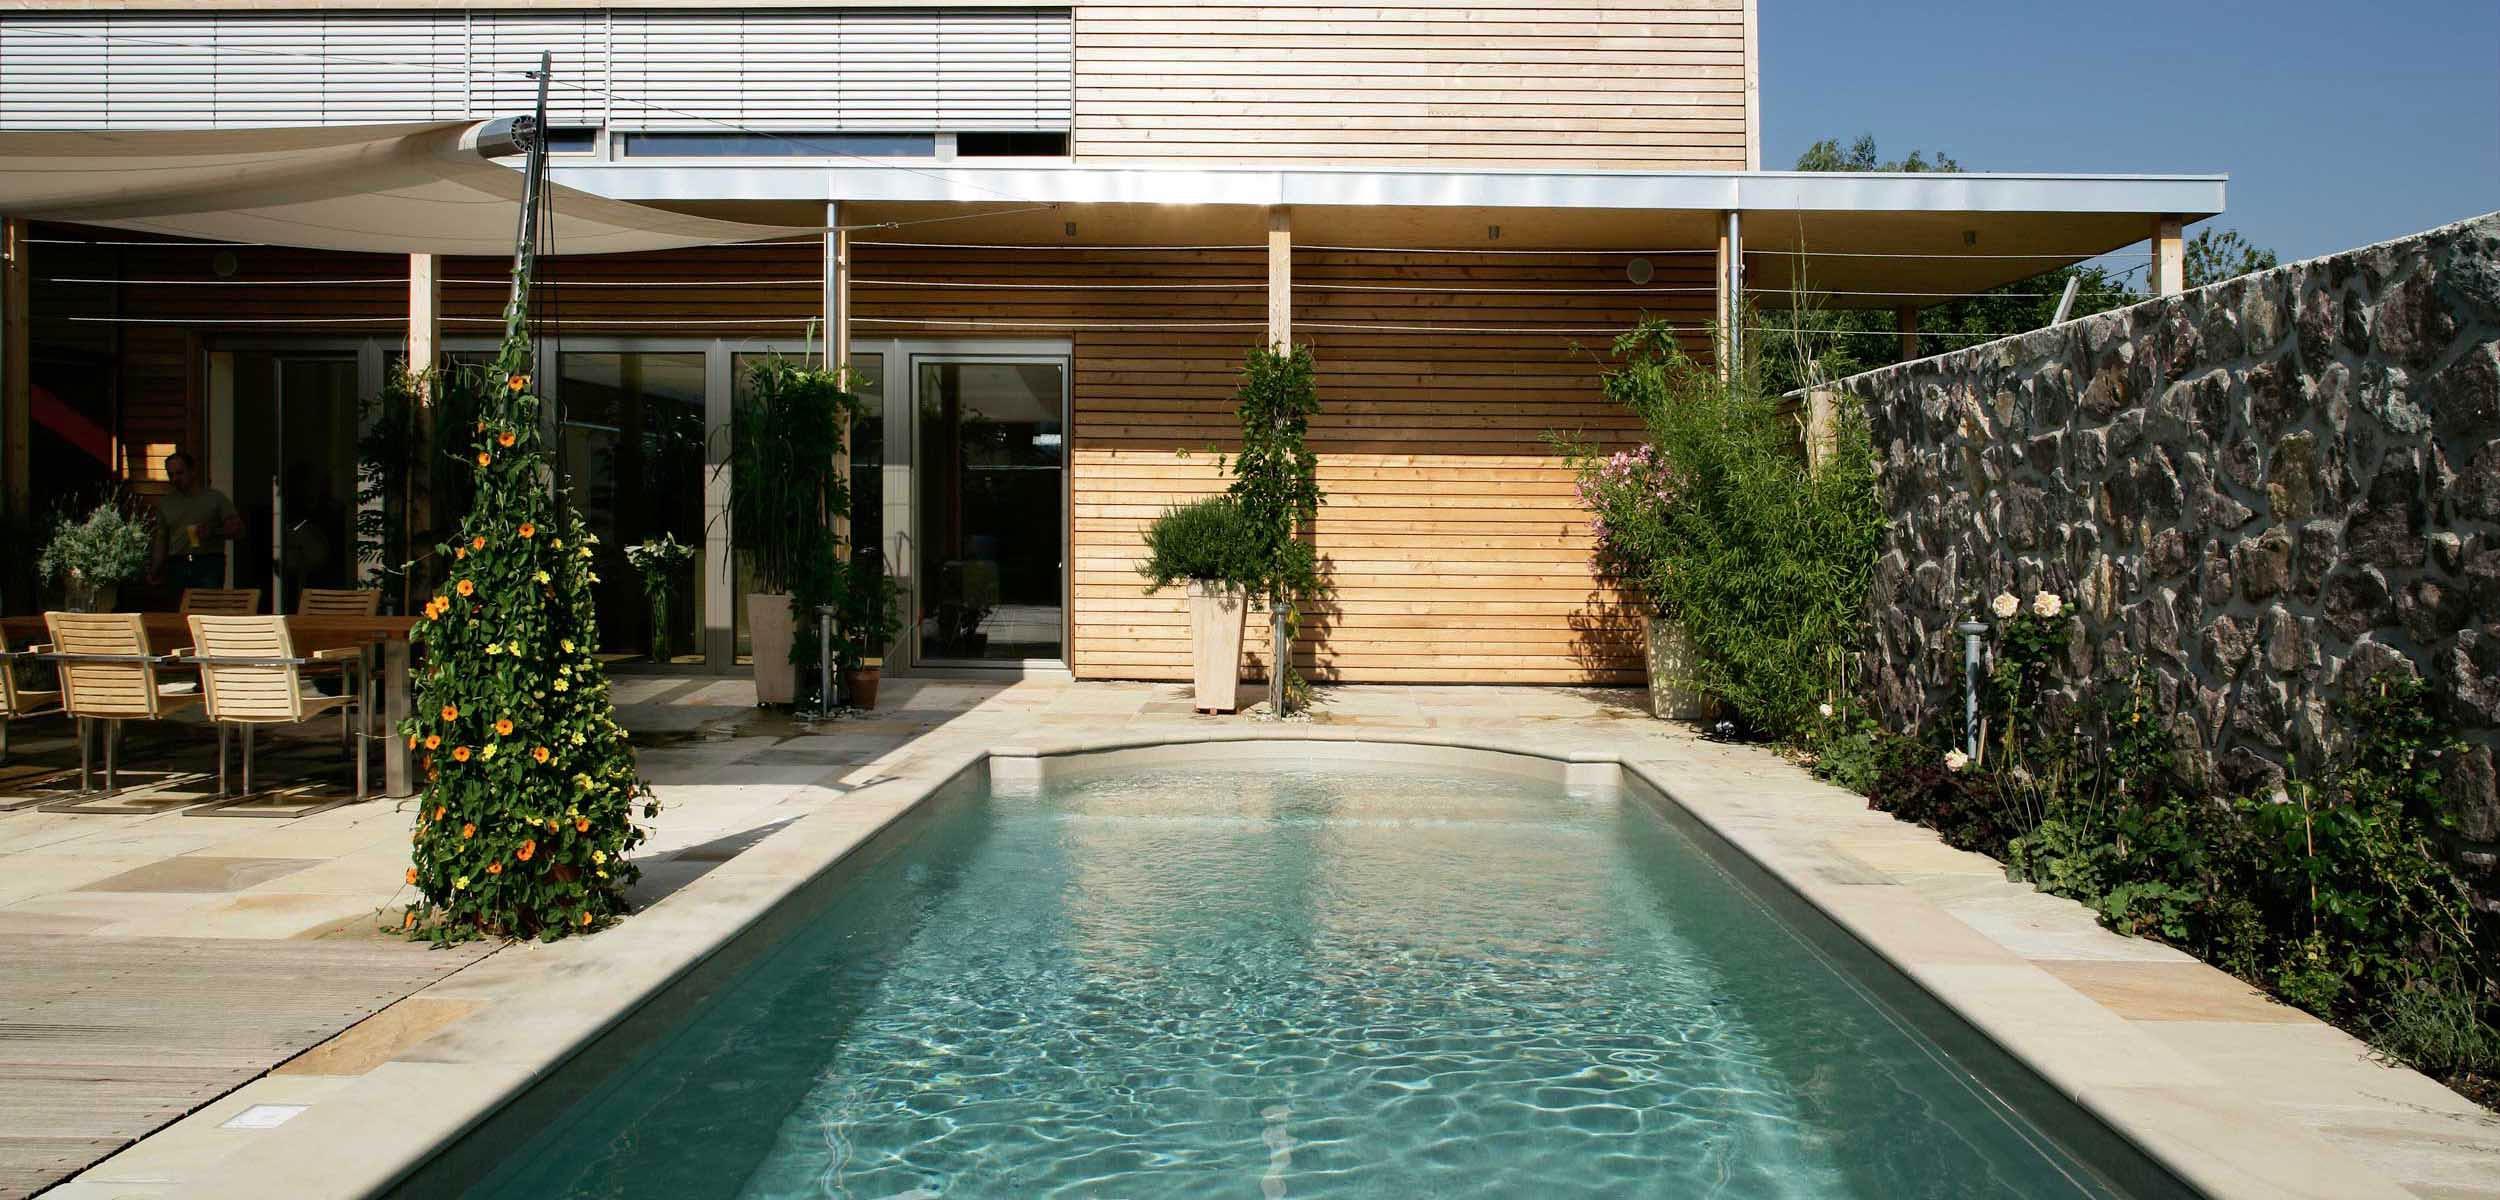 Swimming pool und schwimmteich waude gardens for Gartengestaltung um den pool